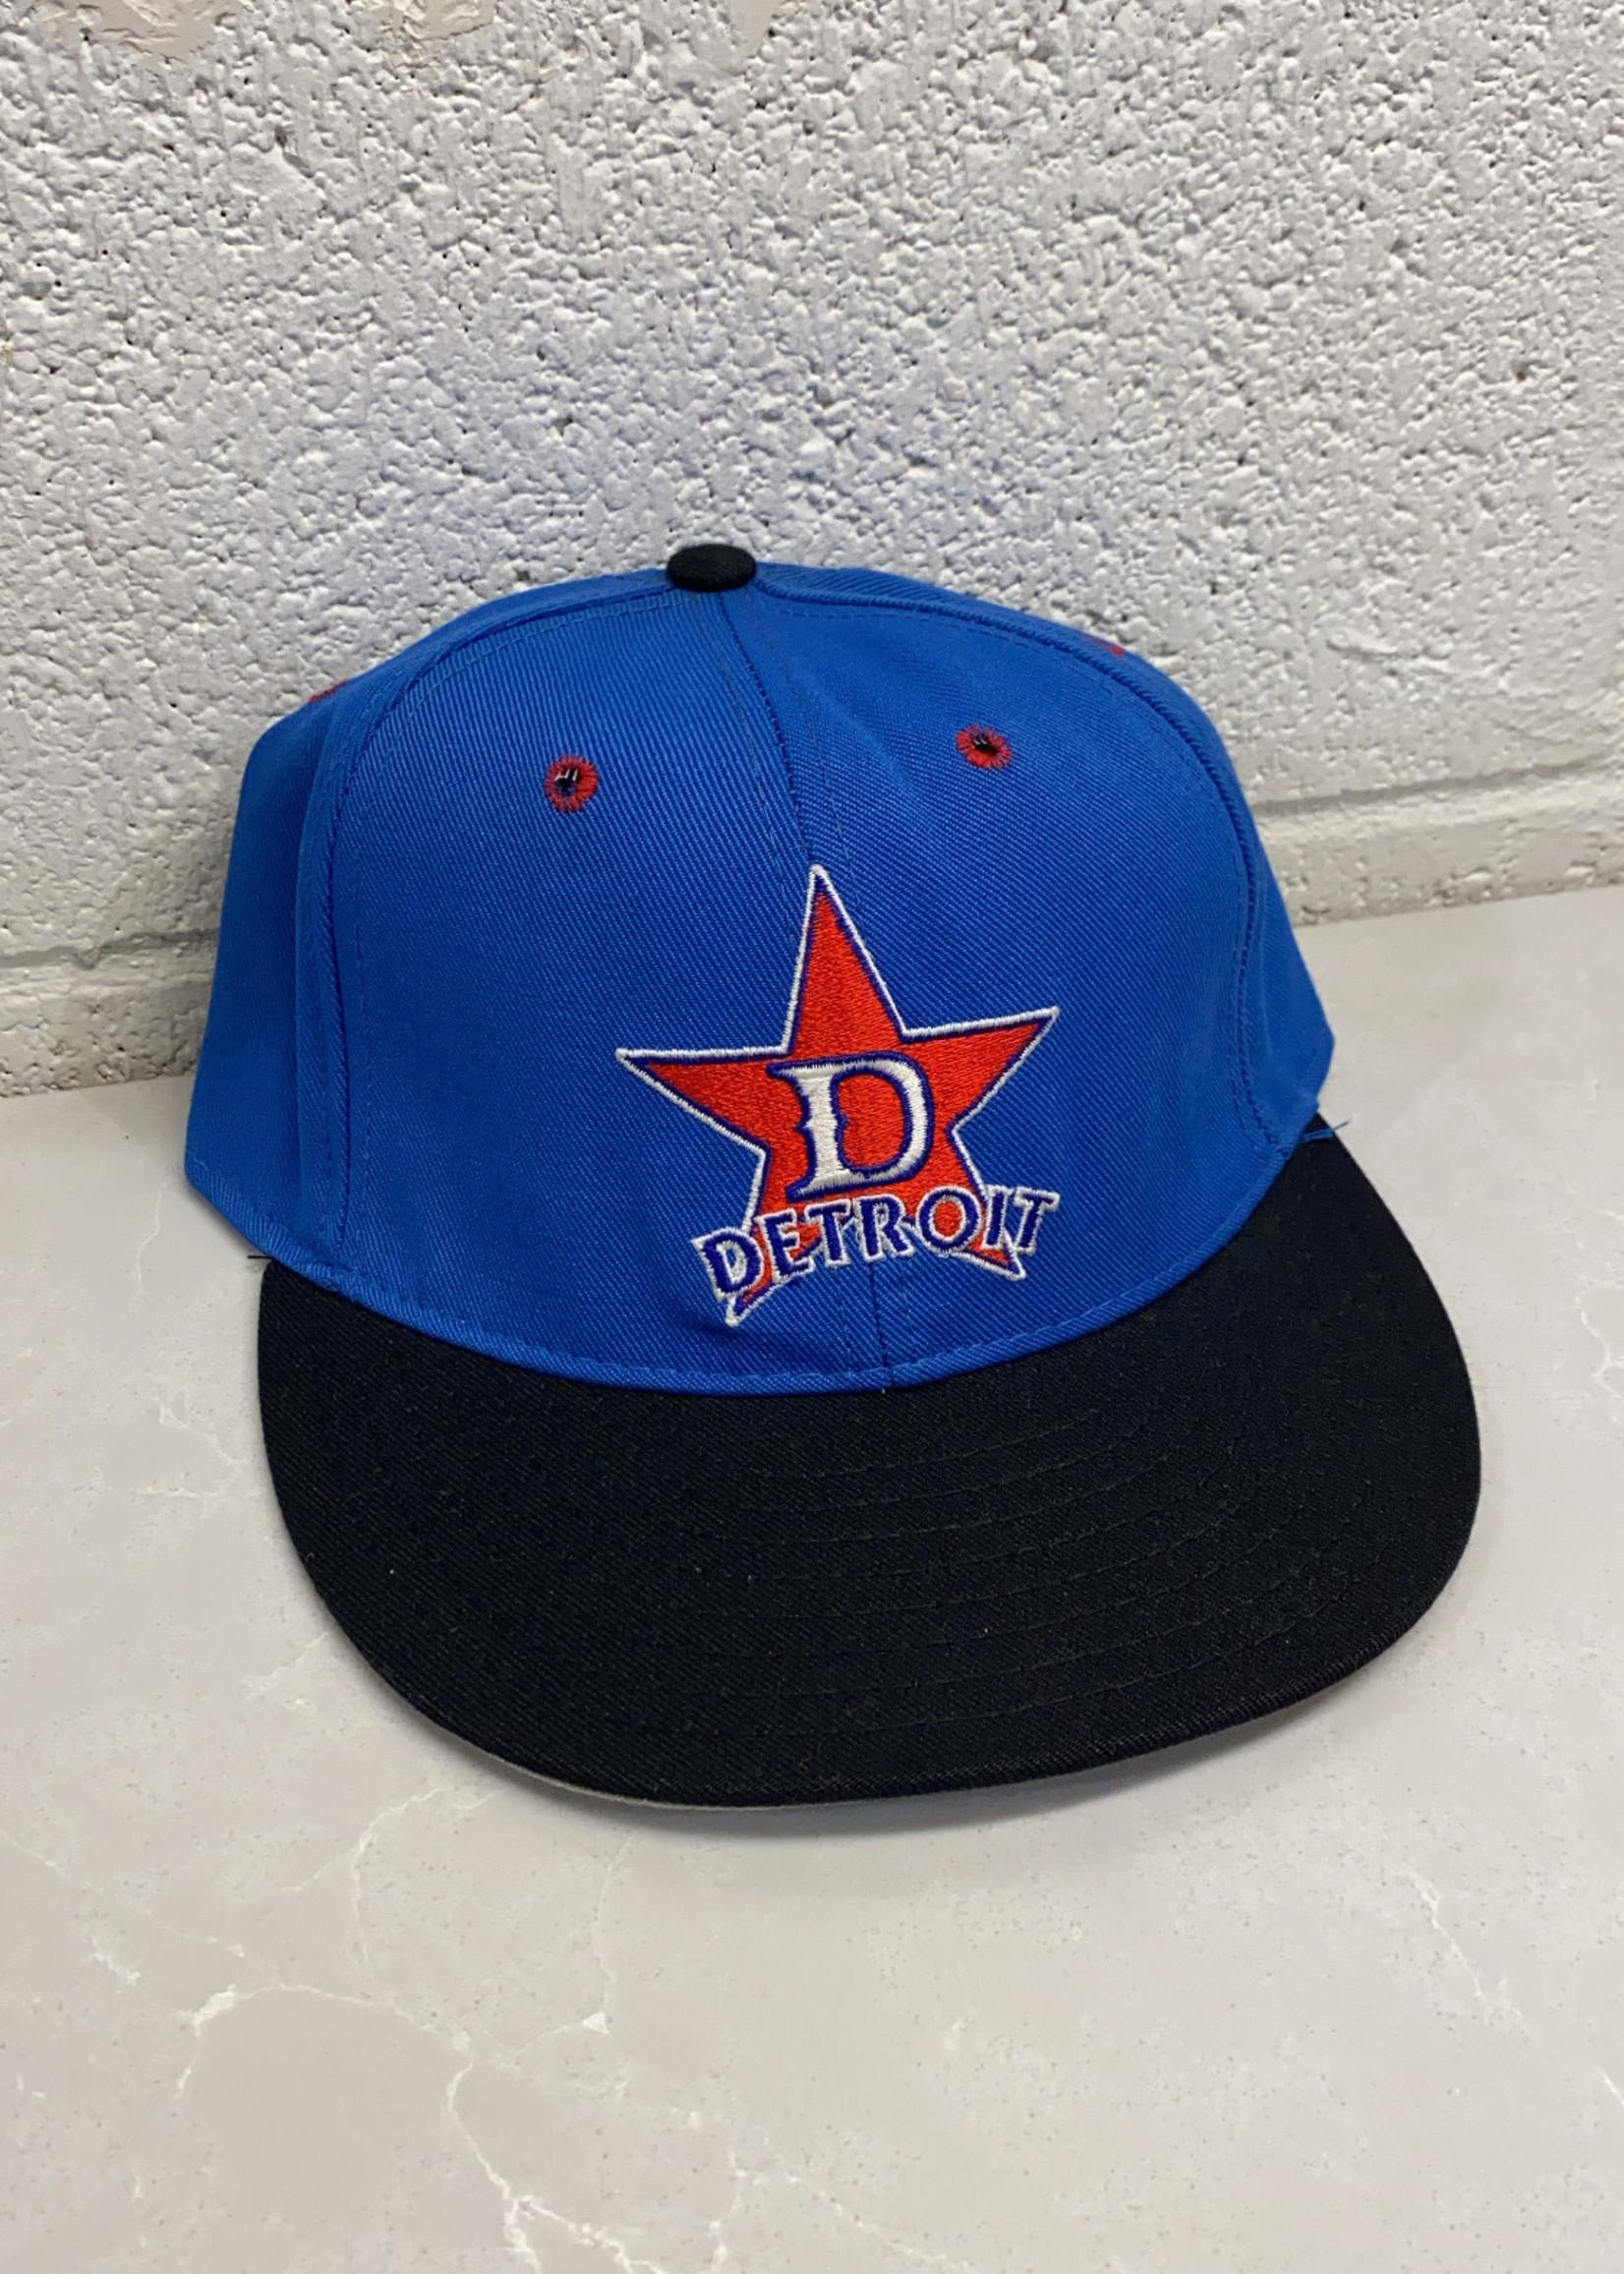 DS Detroit Stars Hat